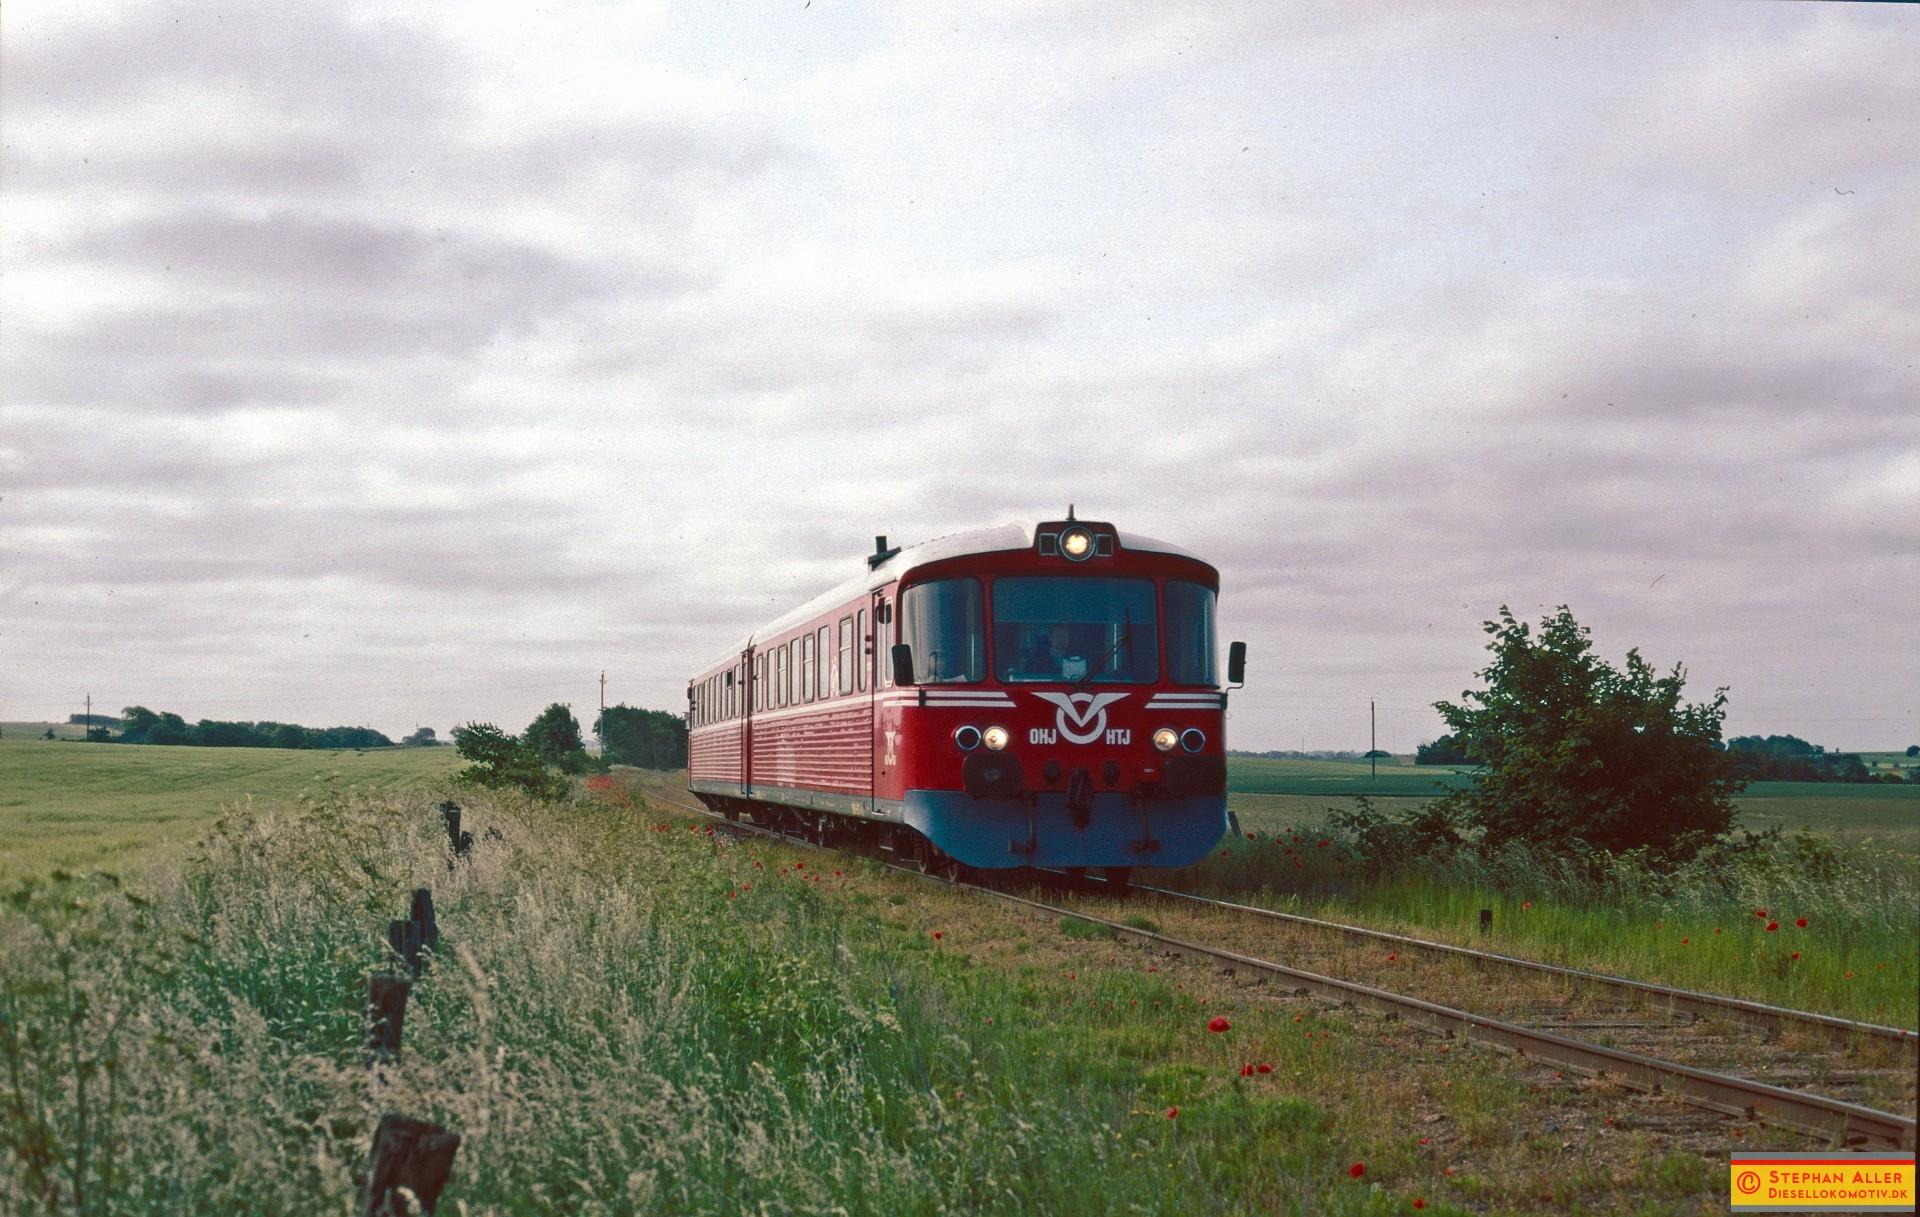 FP1360r